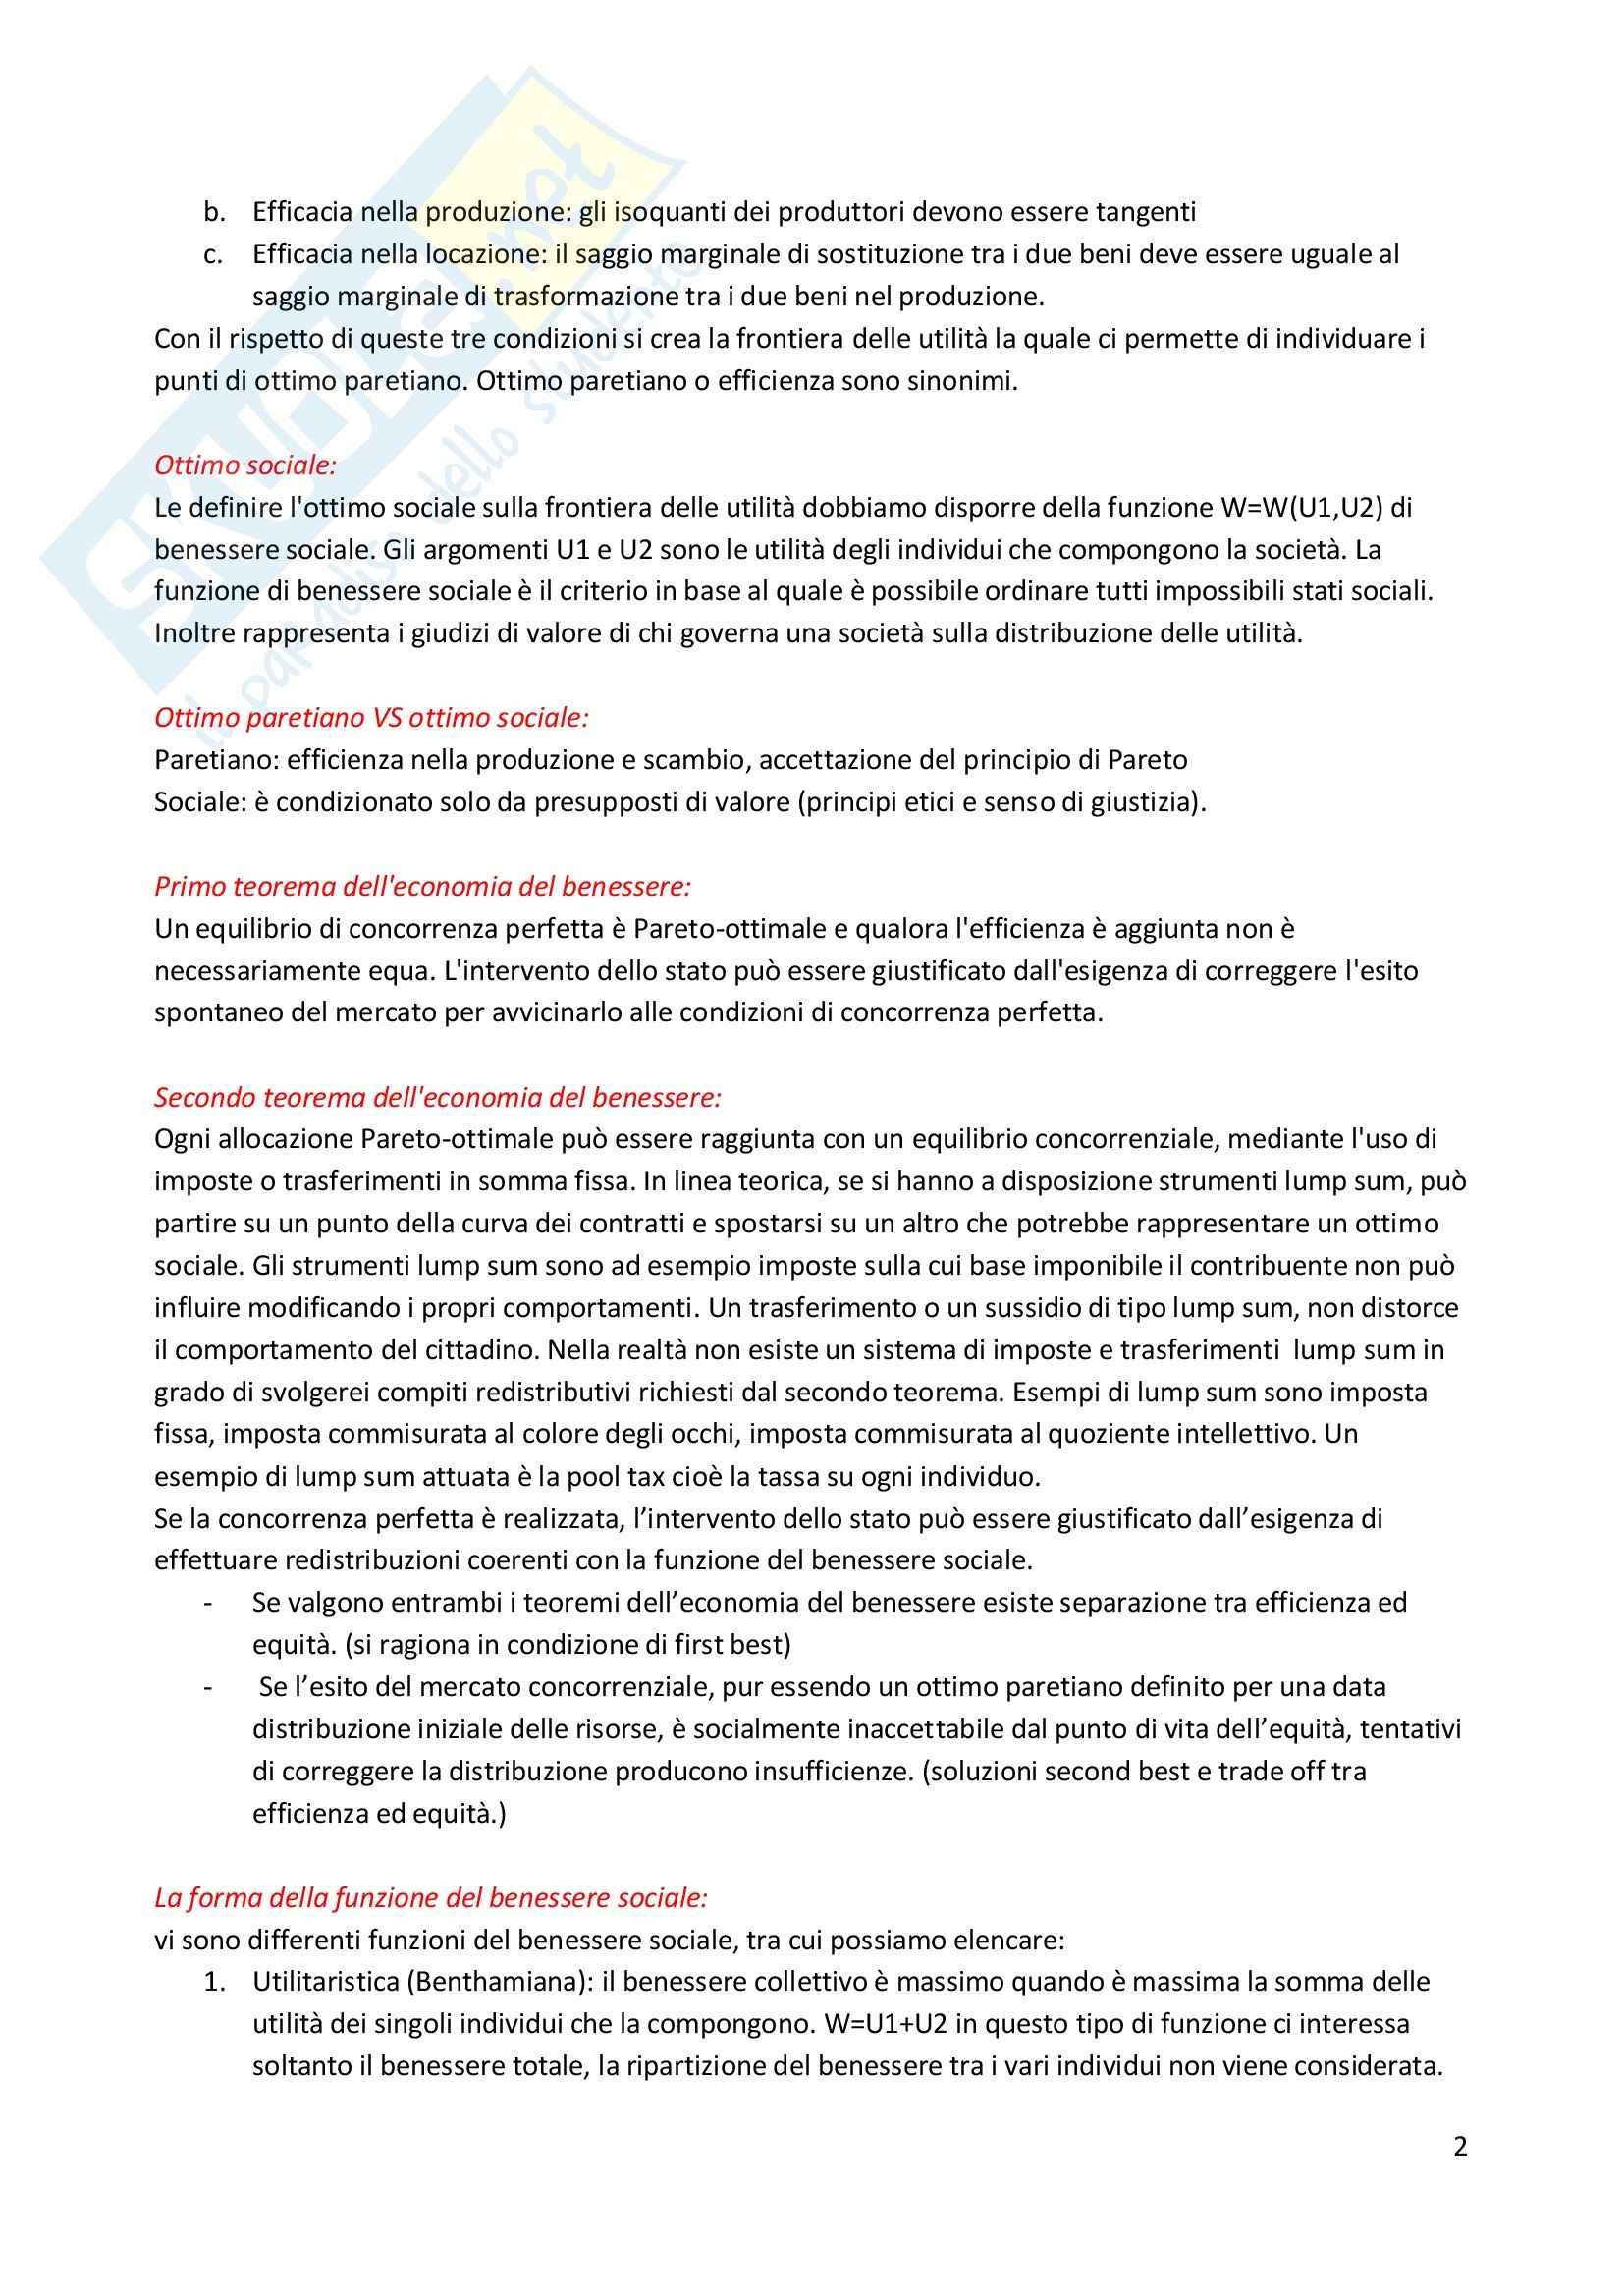 Finanza pubblica - Appunti Pag. 2